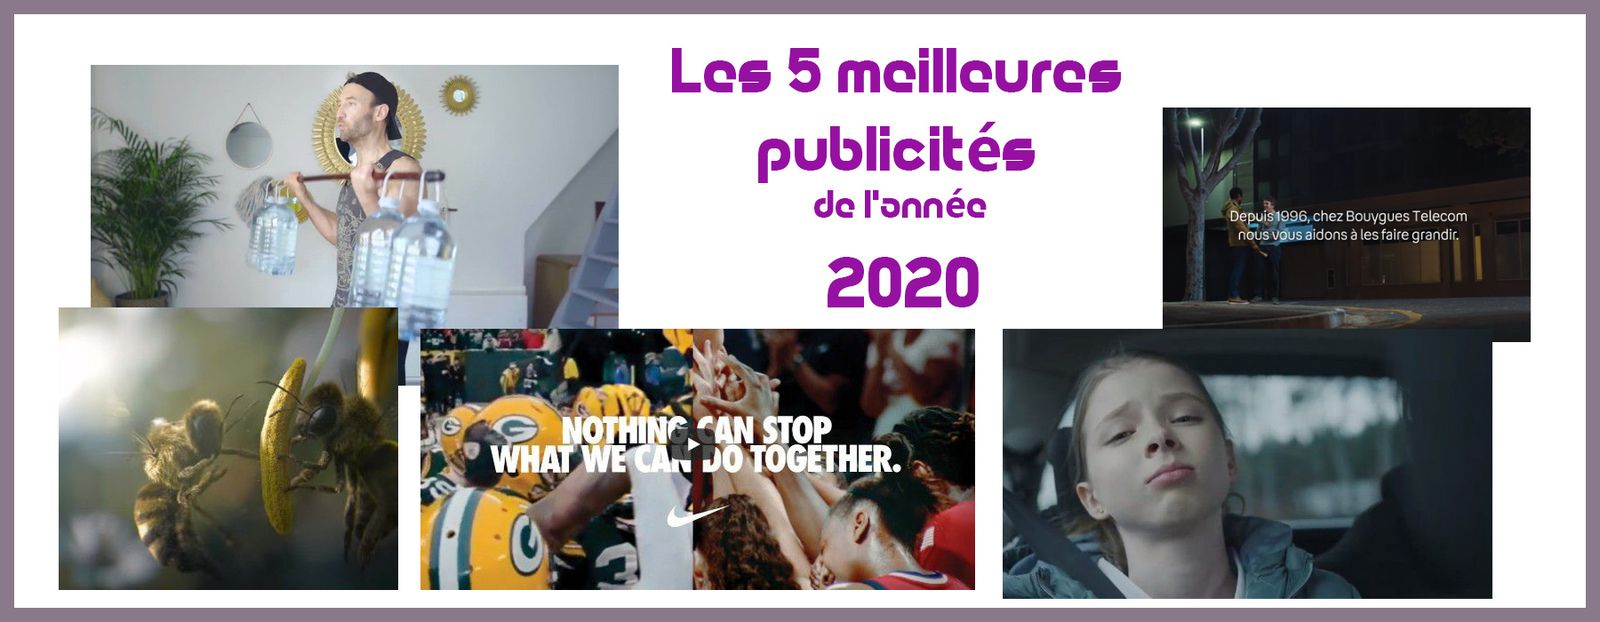 Pub de la semaine : Les 5 meilleures publicités de l'année 2020